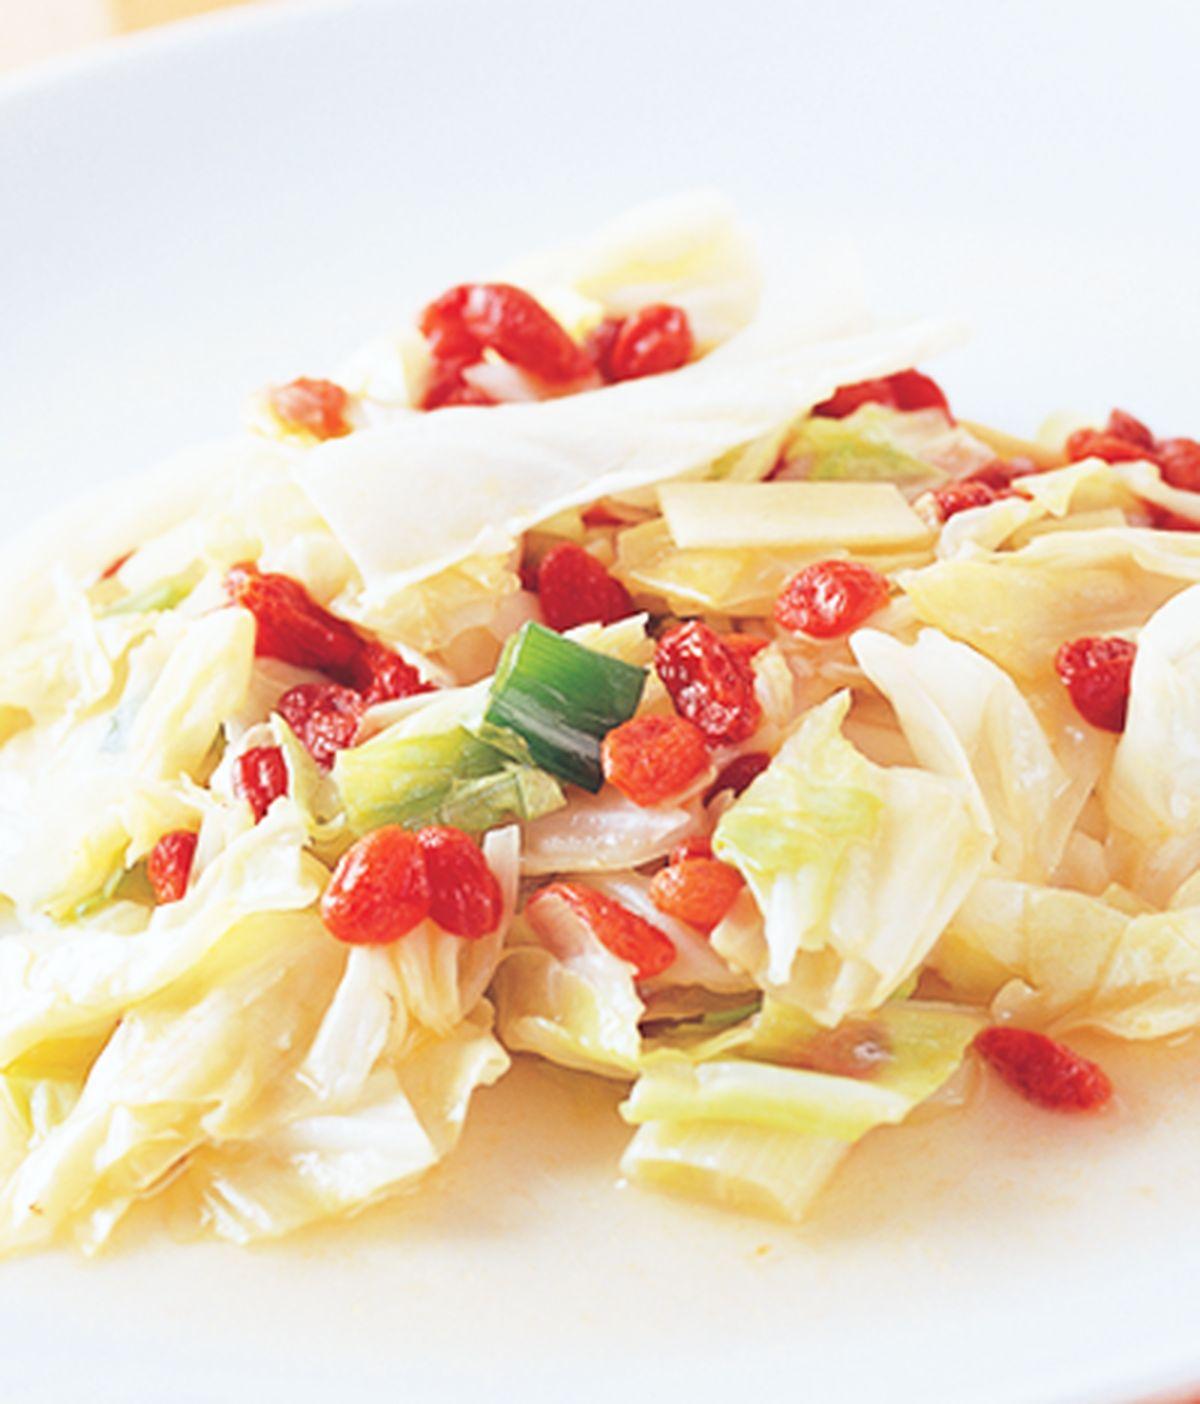 食譜:枸杞拌炒高麗菜